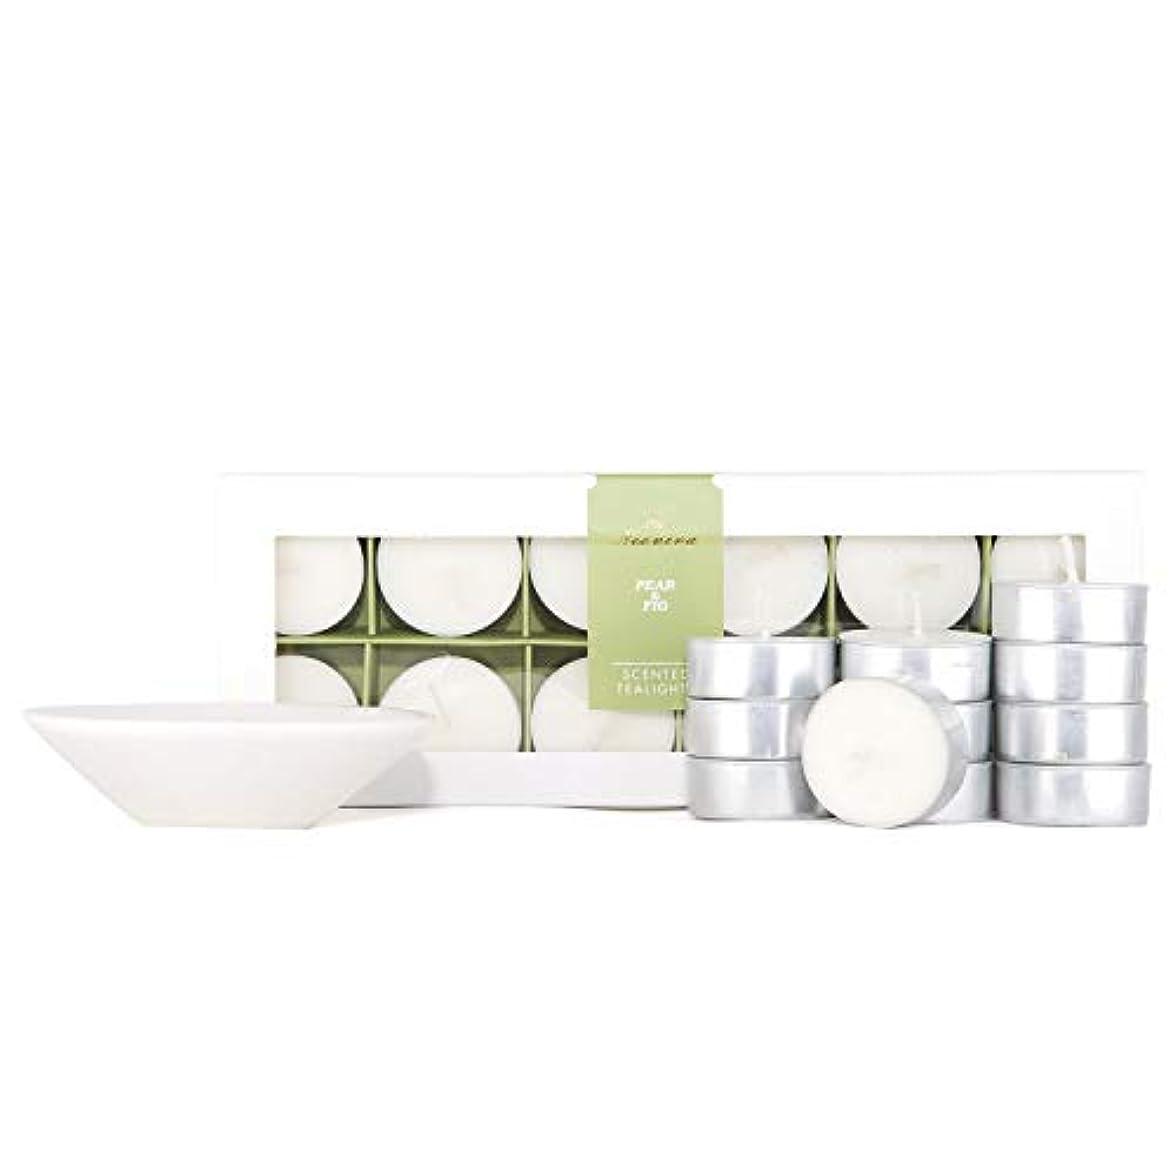 想定するヒット試みNEOVIVA HOME アロマテラピーキャンドル 100%天然エッセンシャルオイル 香り付きキャンドル 大豆ワックス ストレス解消 アロマセラピー用 ギフトセット 12パック Pear&Fig